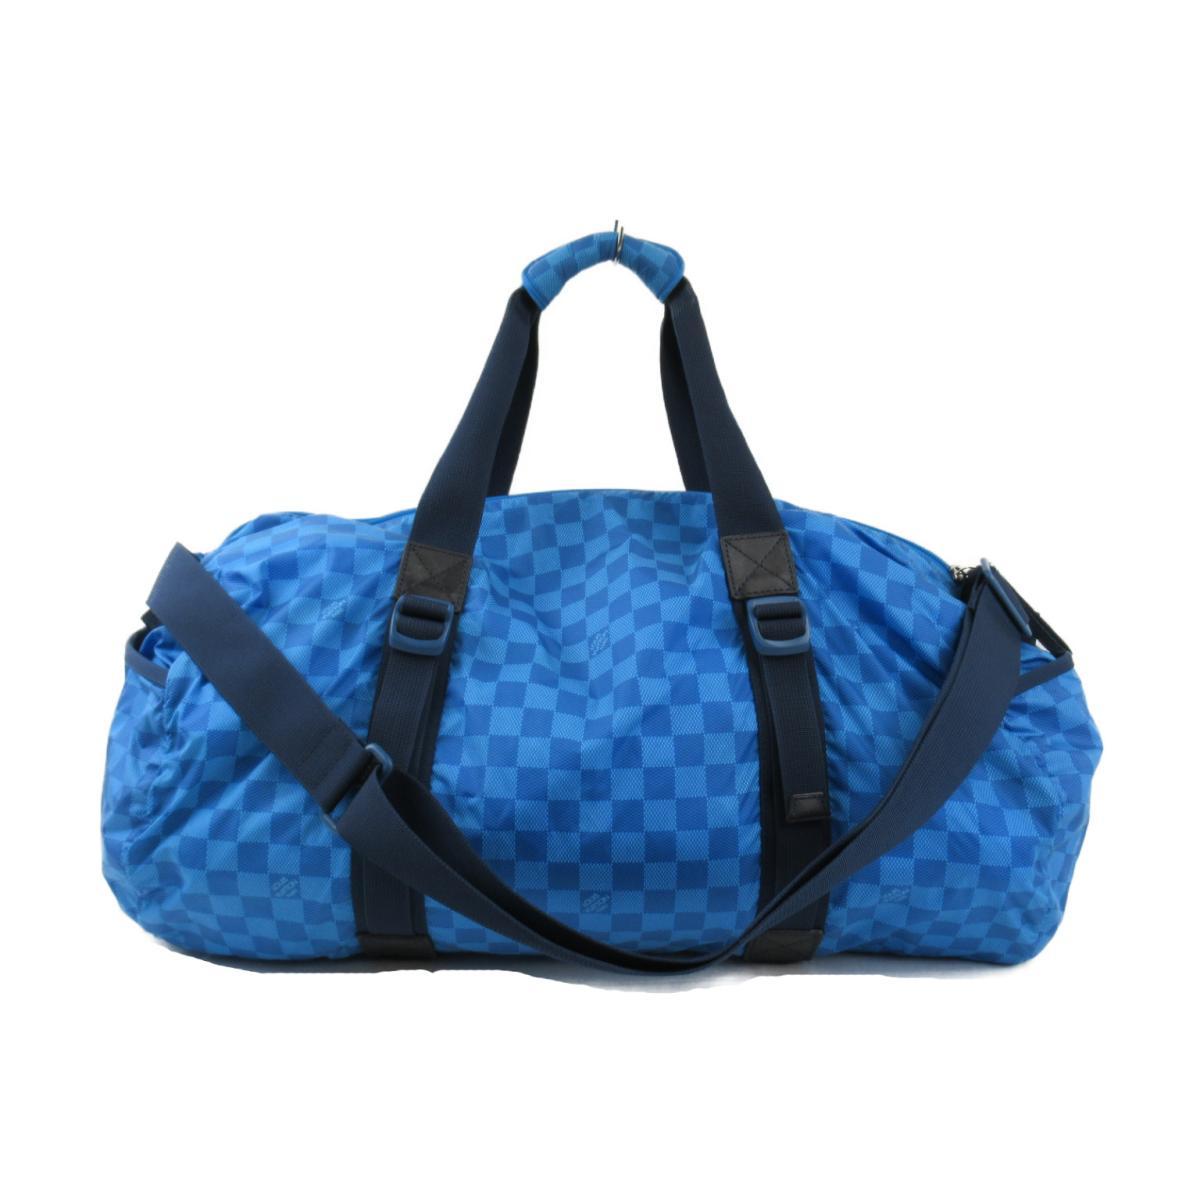 ルイヴィトン プロクティカル ナイロン スポーツバッグ バッグ メンズ レディース ダミエ・アバンチュール ブルー (M97057) 【中古】   ブランド